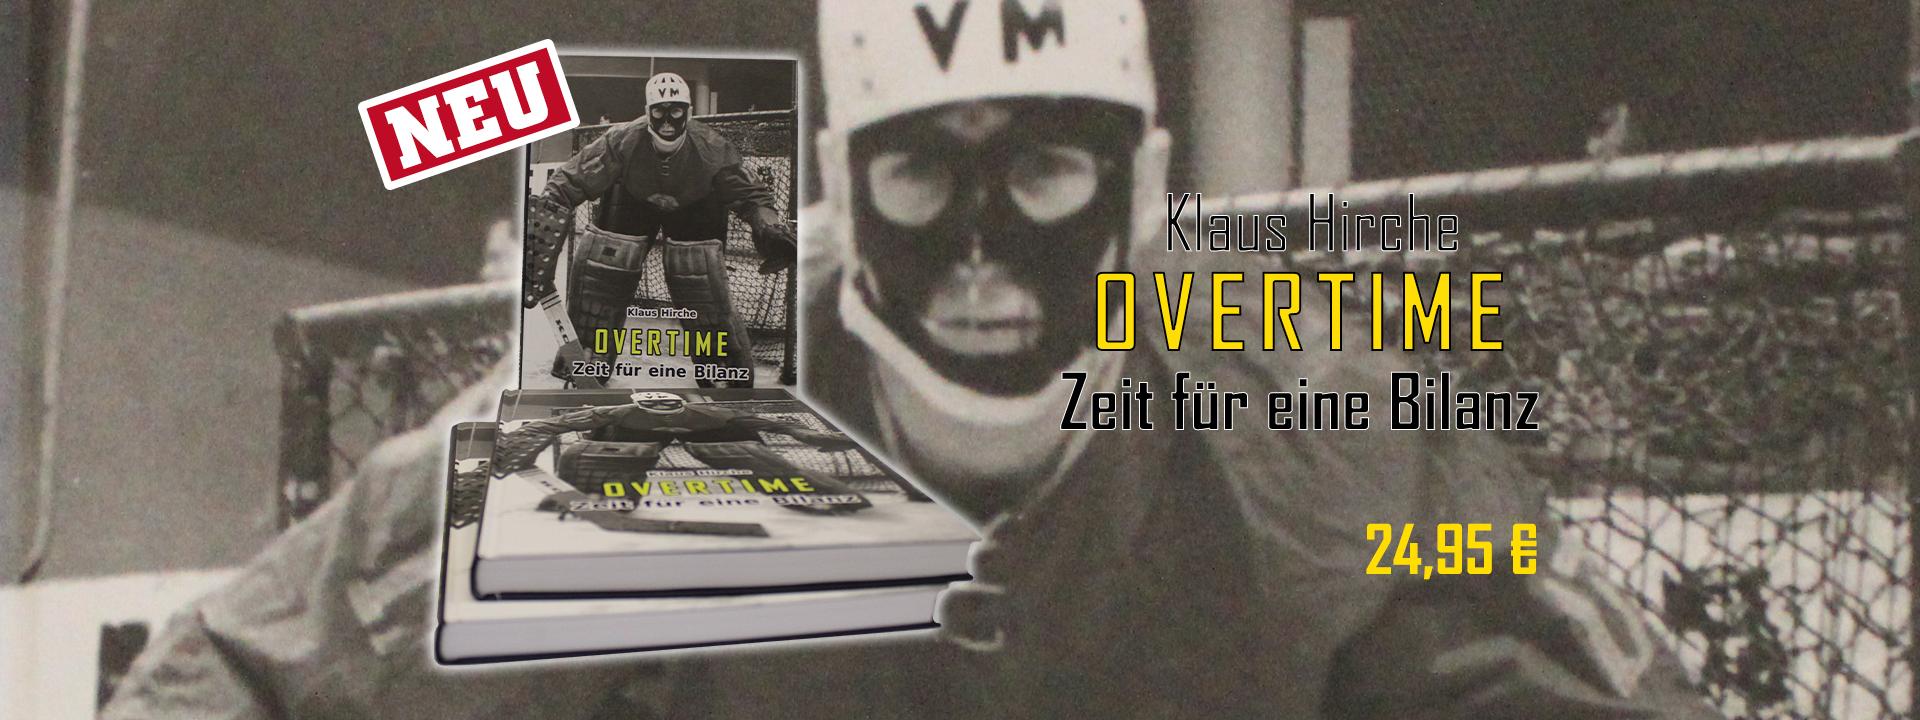 HFL_HP_Slider_1920x720px-Overtime-KH